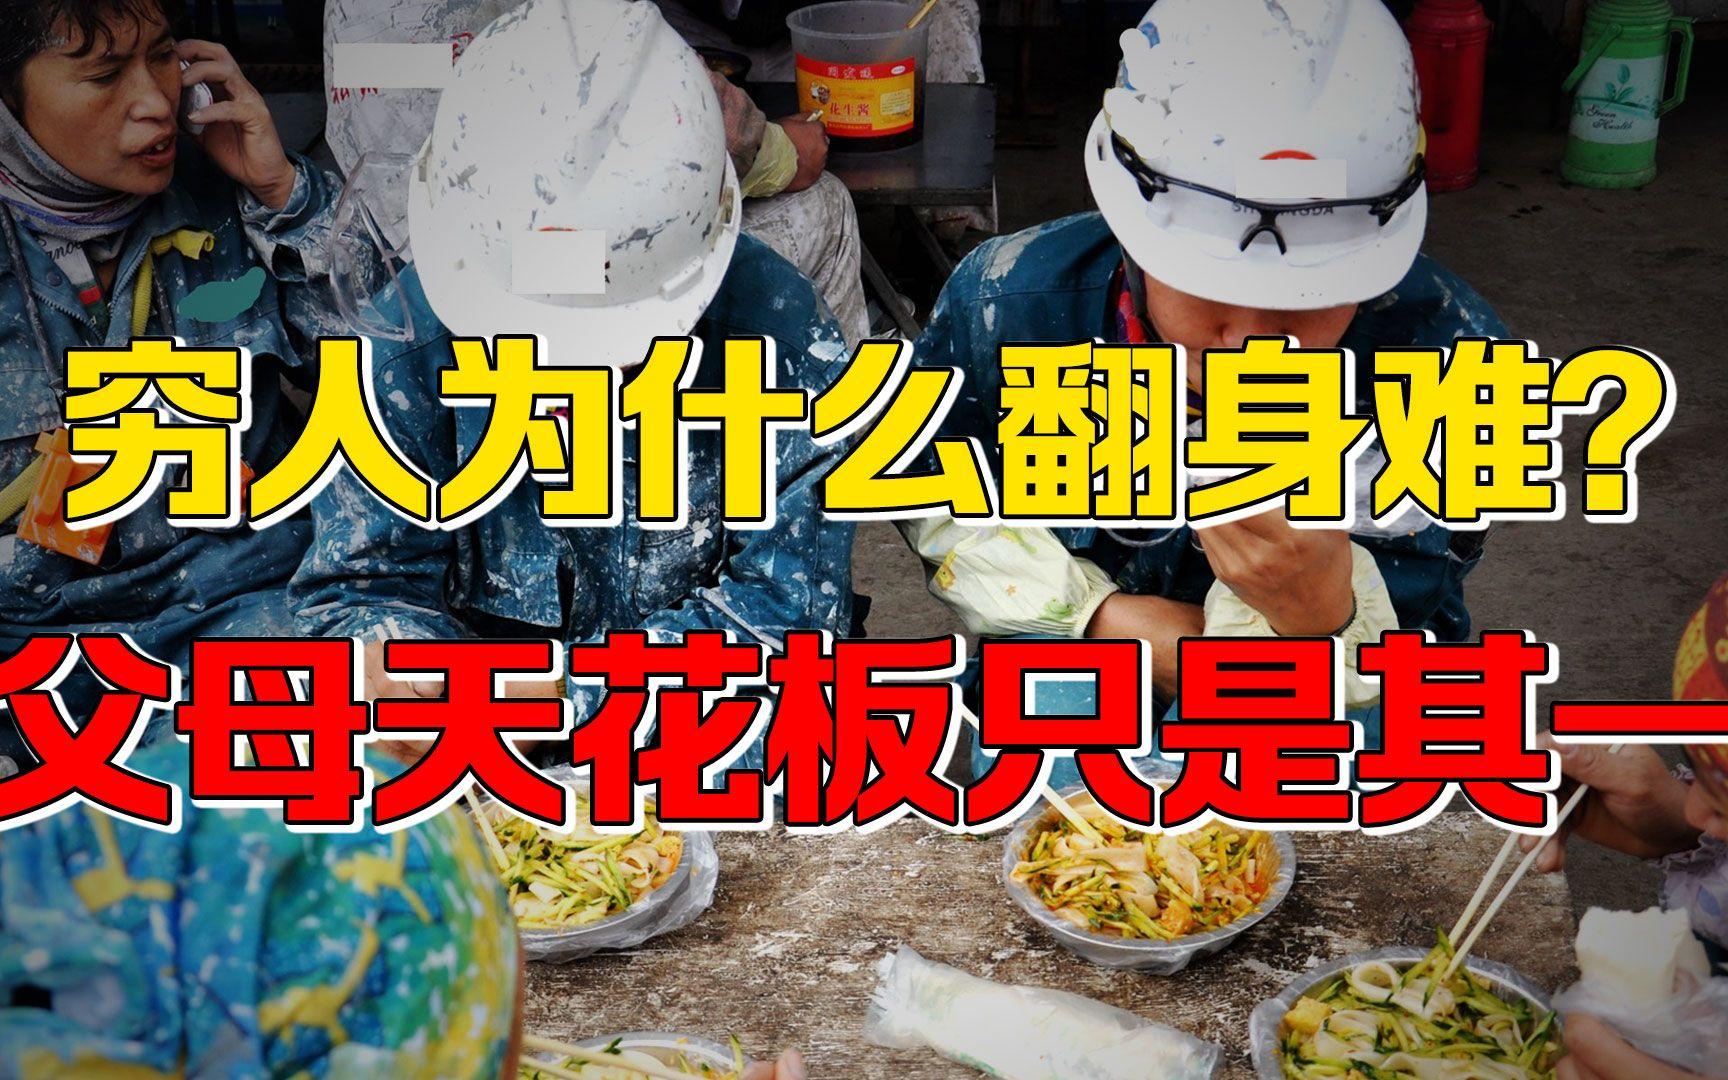 【九边】穷人该认命吗? 强人和穷人最大差别, 中国已做出最佳选择